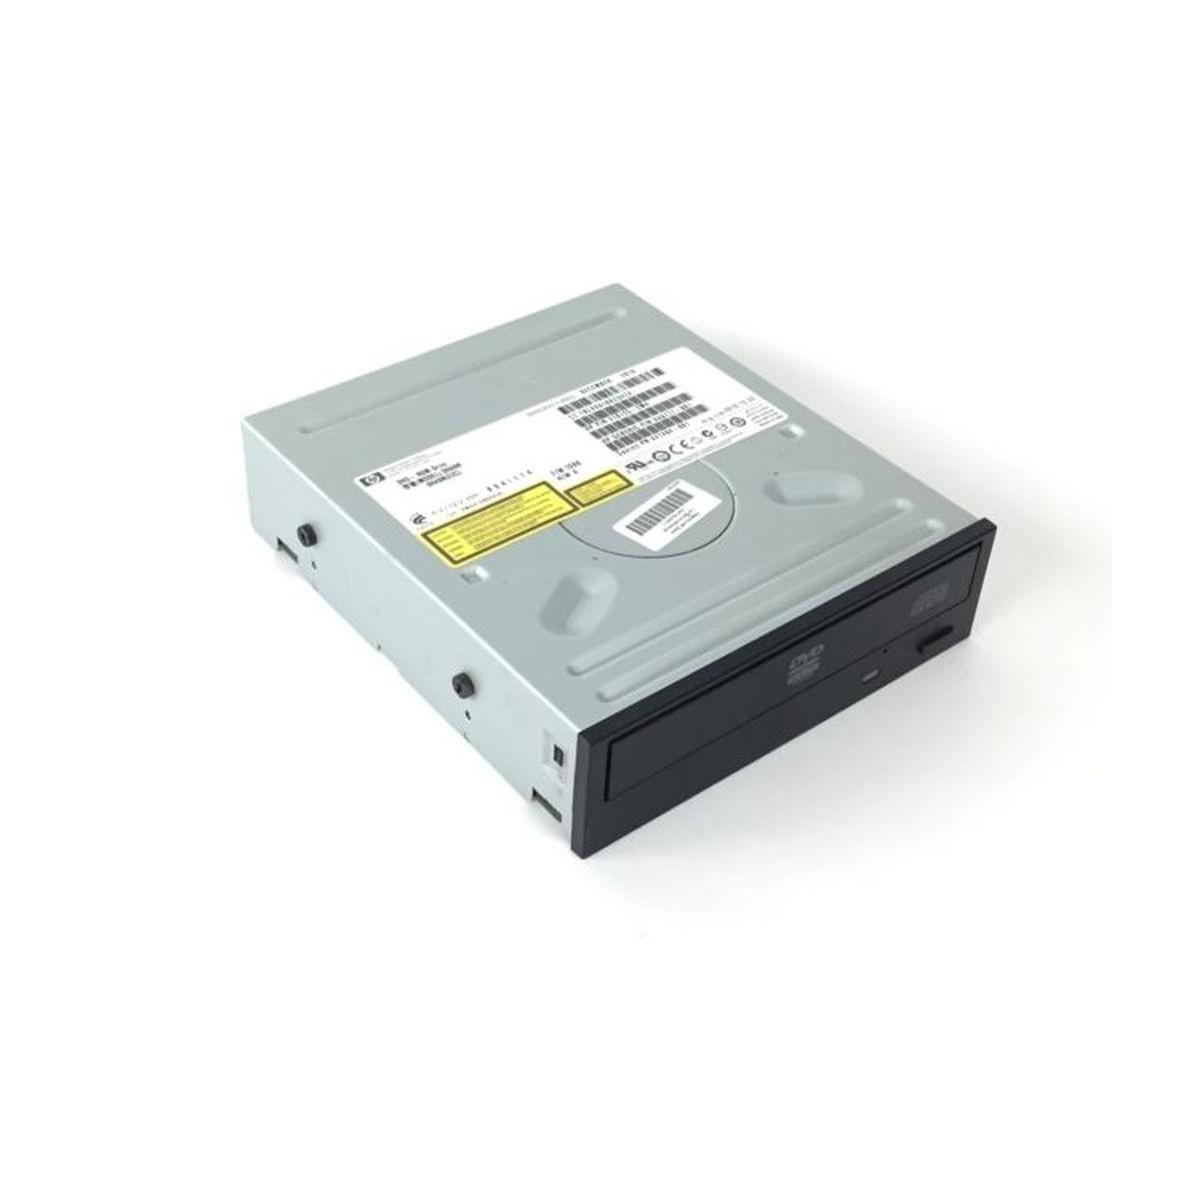 NIVIDIA QUADRO NVS 300 512MB PCI-e x1